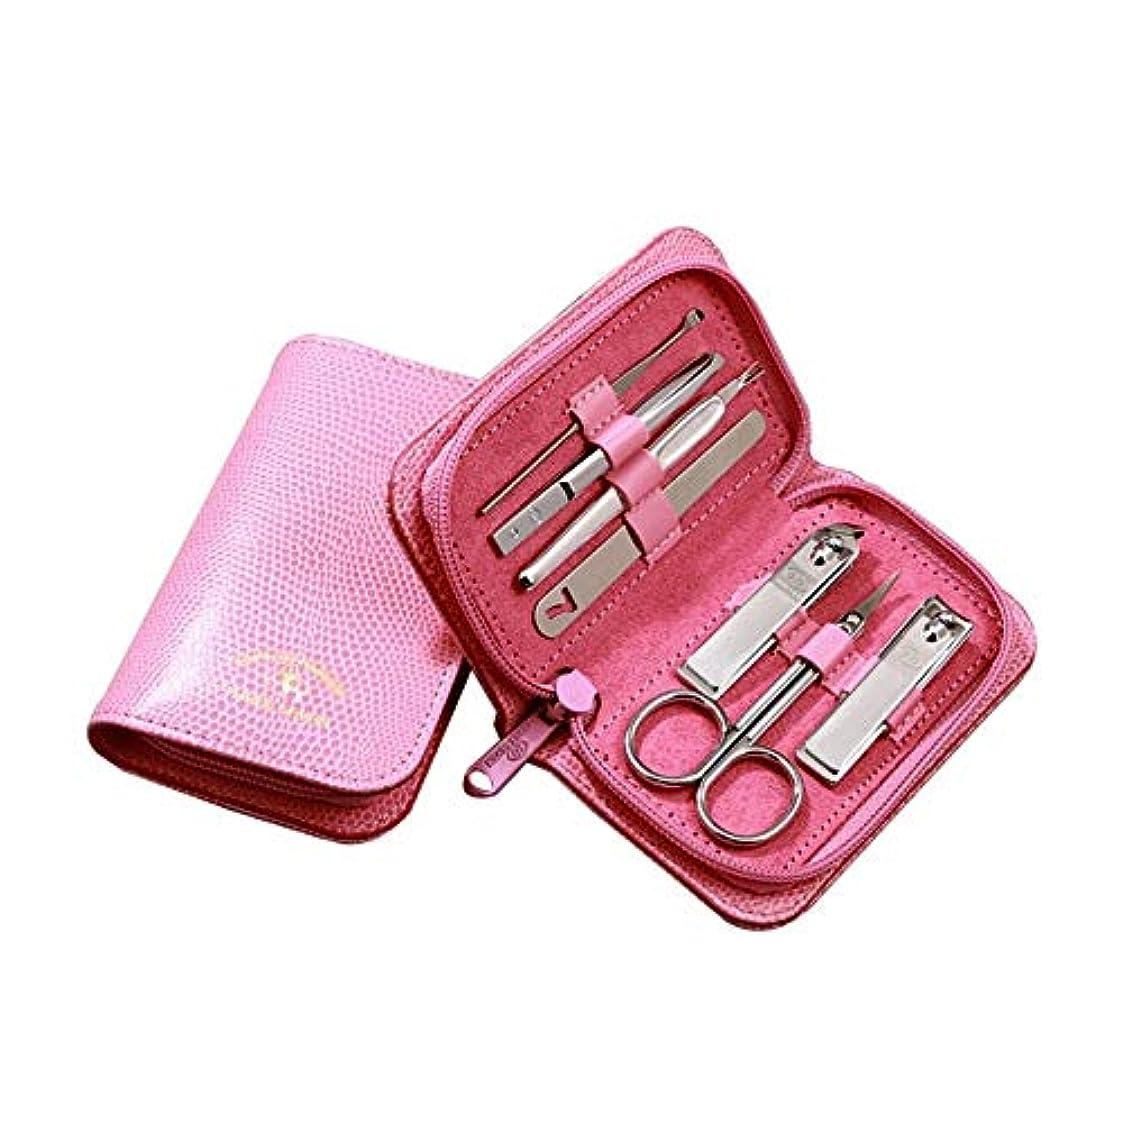 セーター洗練純粋なZGSH 多機能ネイルクリッパーセット、7ピースマニキュアネイルツール、シャープで耐久性のあるステンレススチール素材 (Color : Pink)